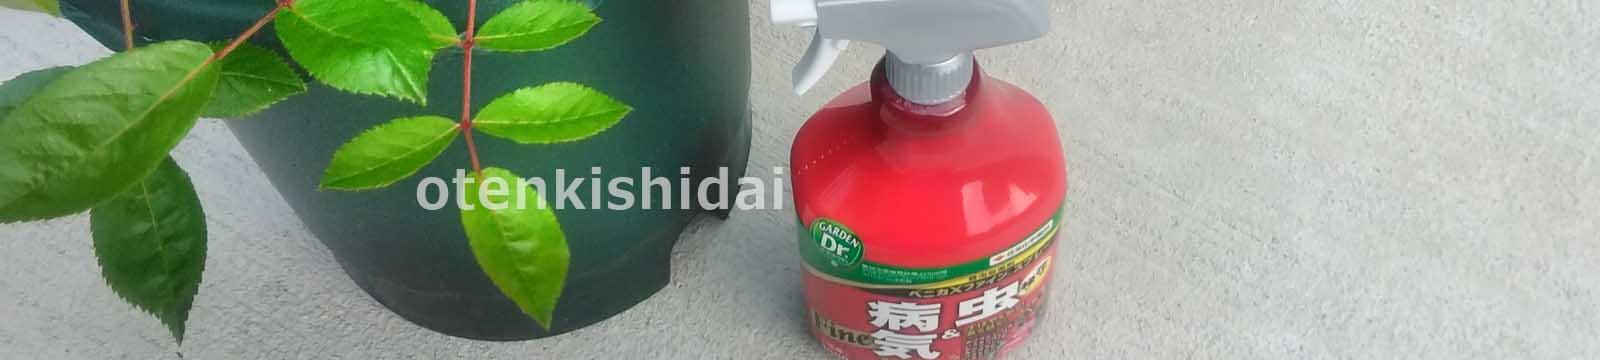 殺虫殺菌剤スプレー